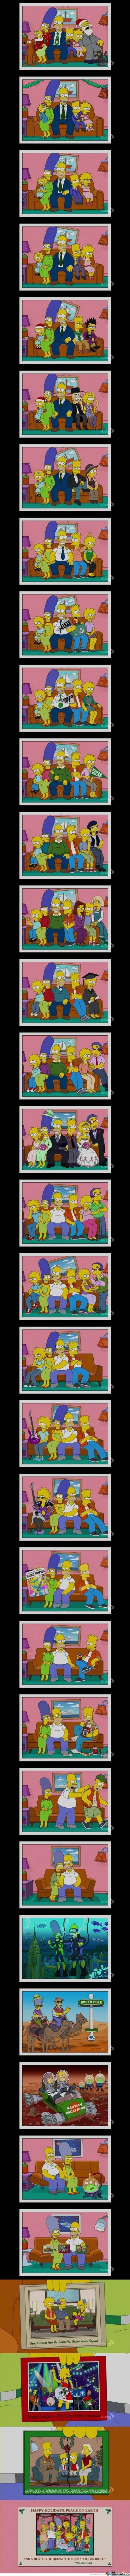 Simpson timeline